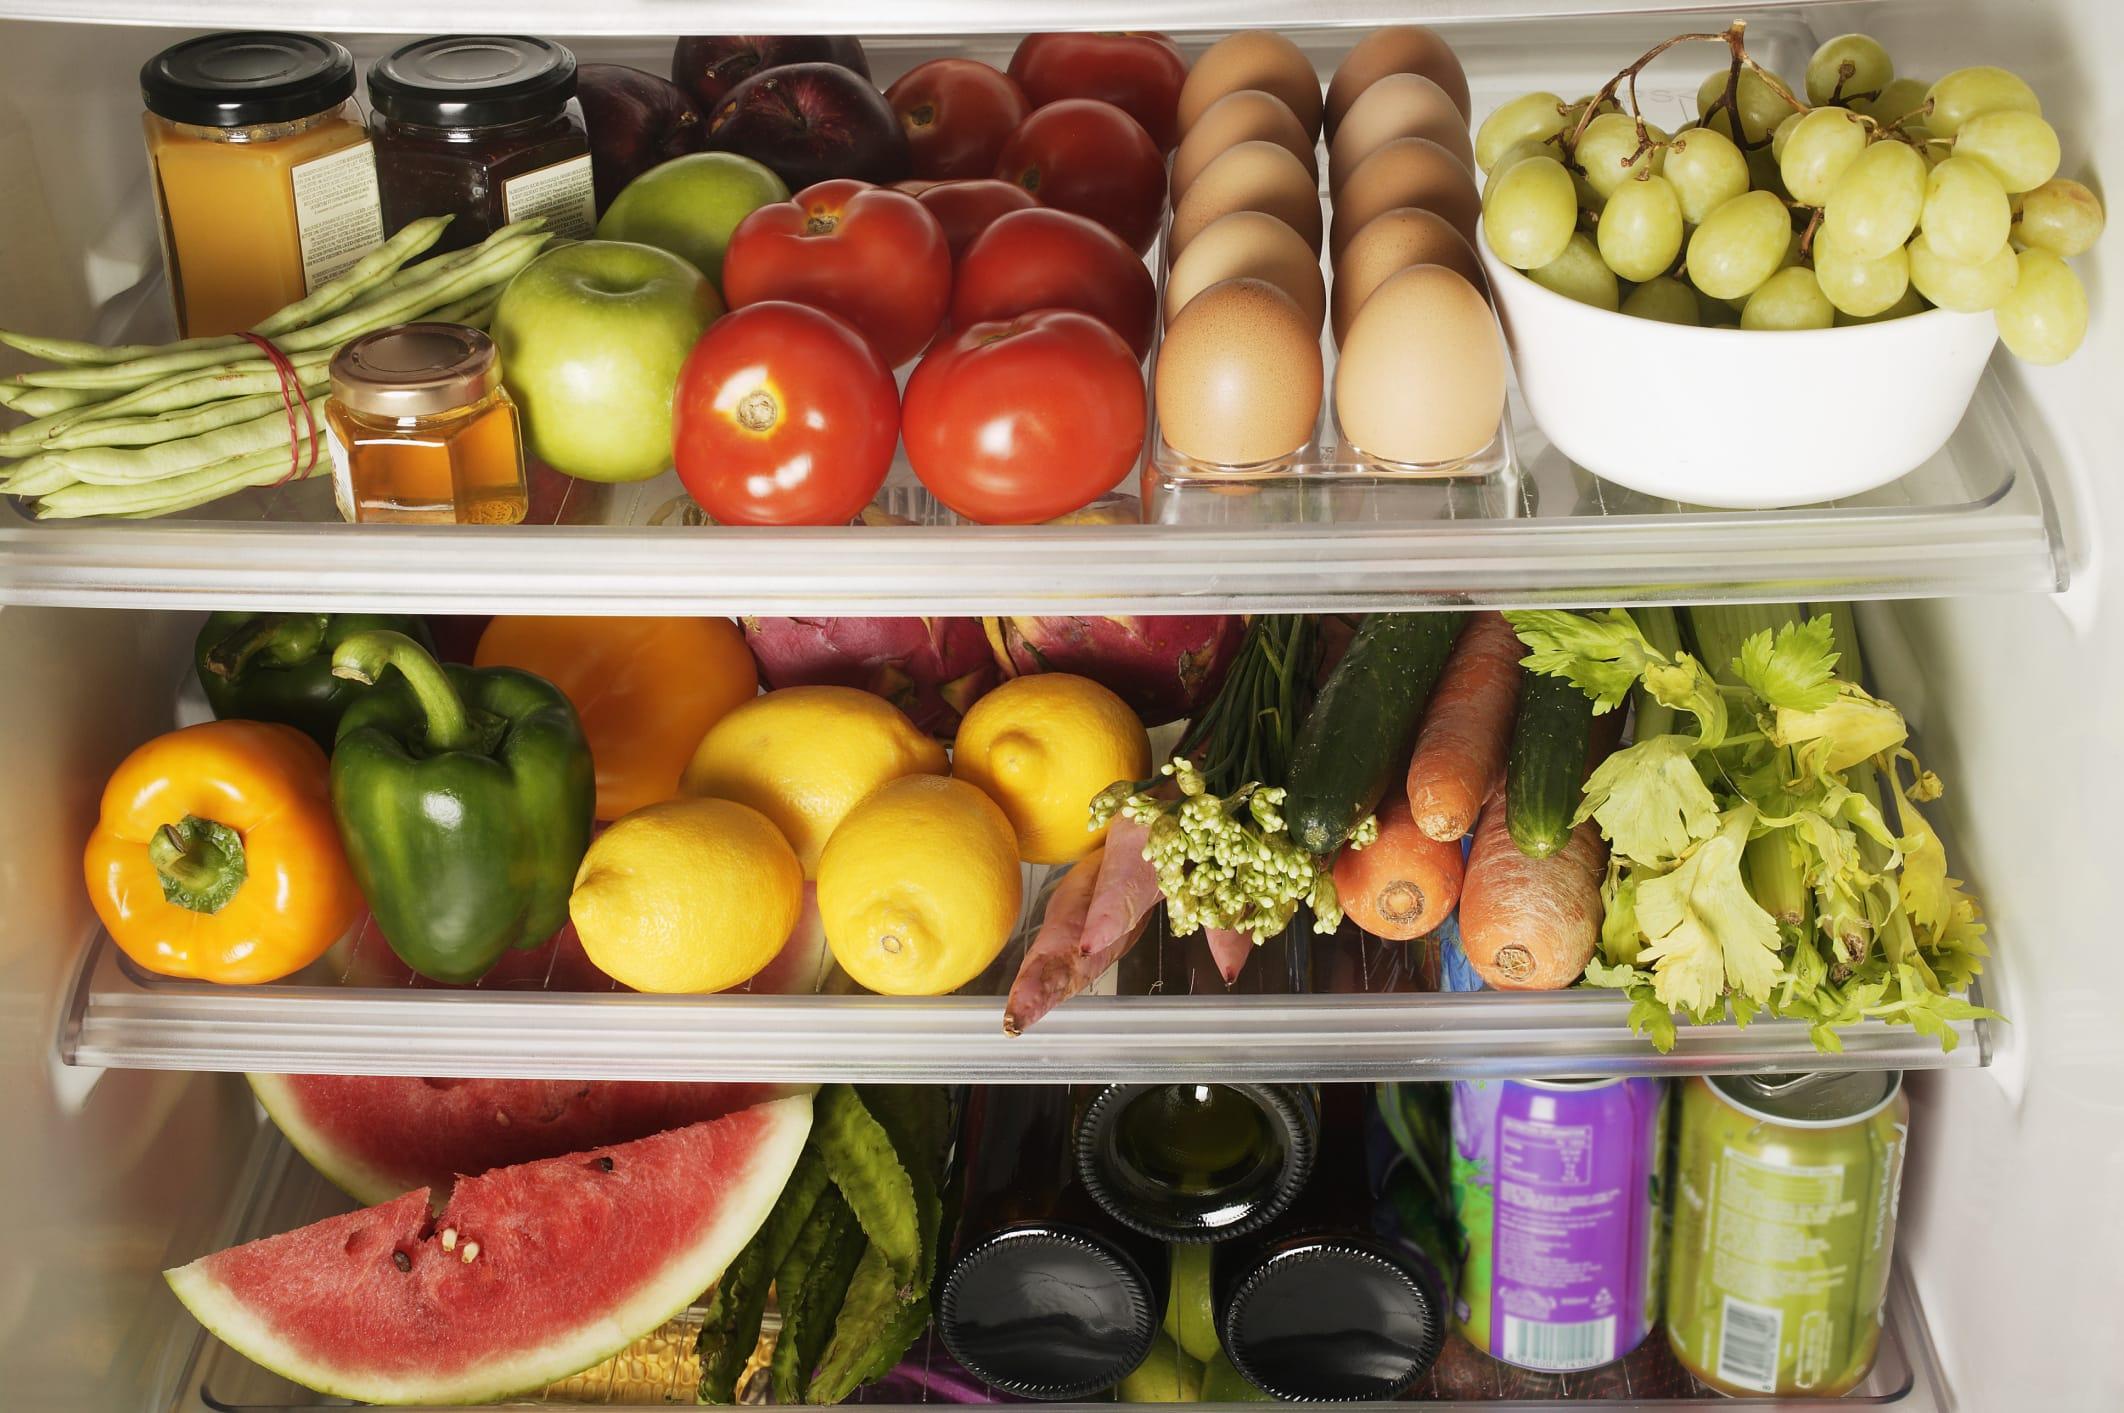 Iniziative contro lo spreco alimentare: il frigo degli avanzi di un condominio del quartiere Kreuzberg a Berlino